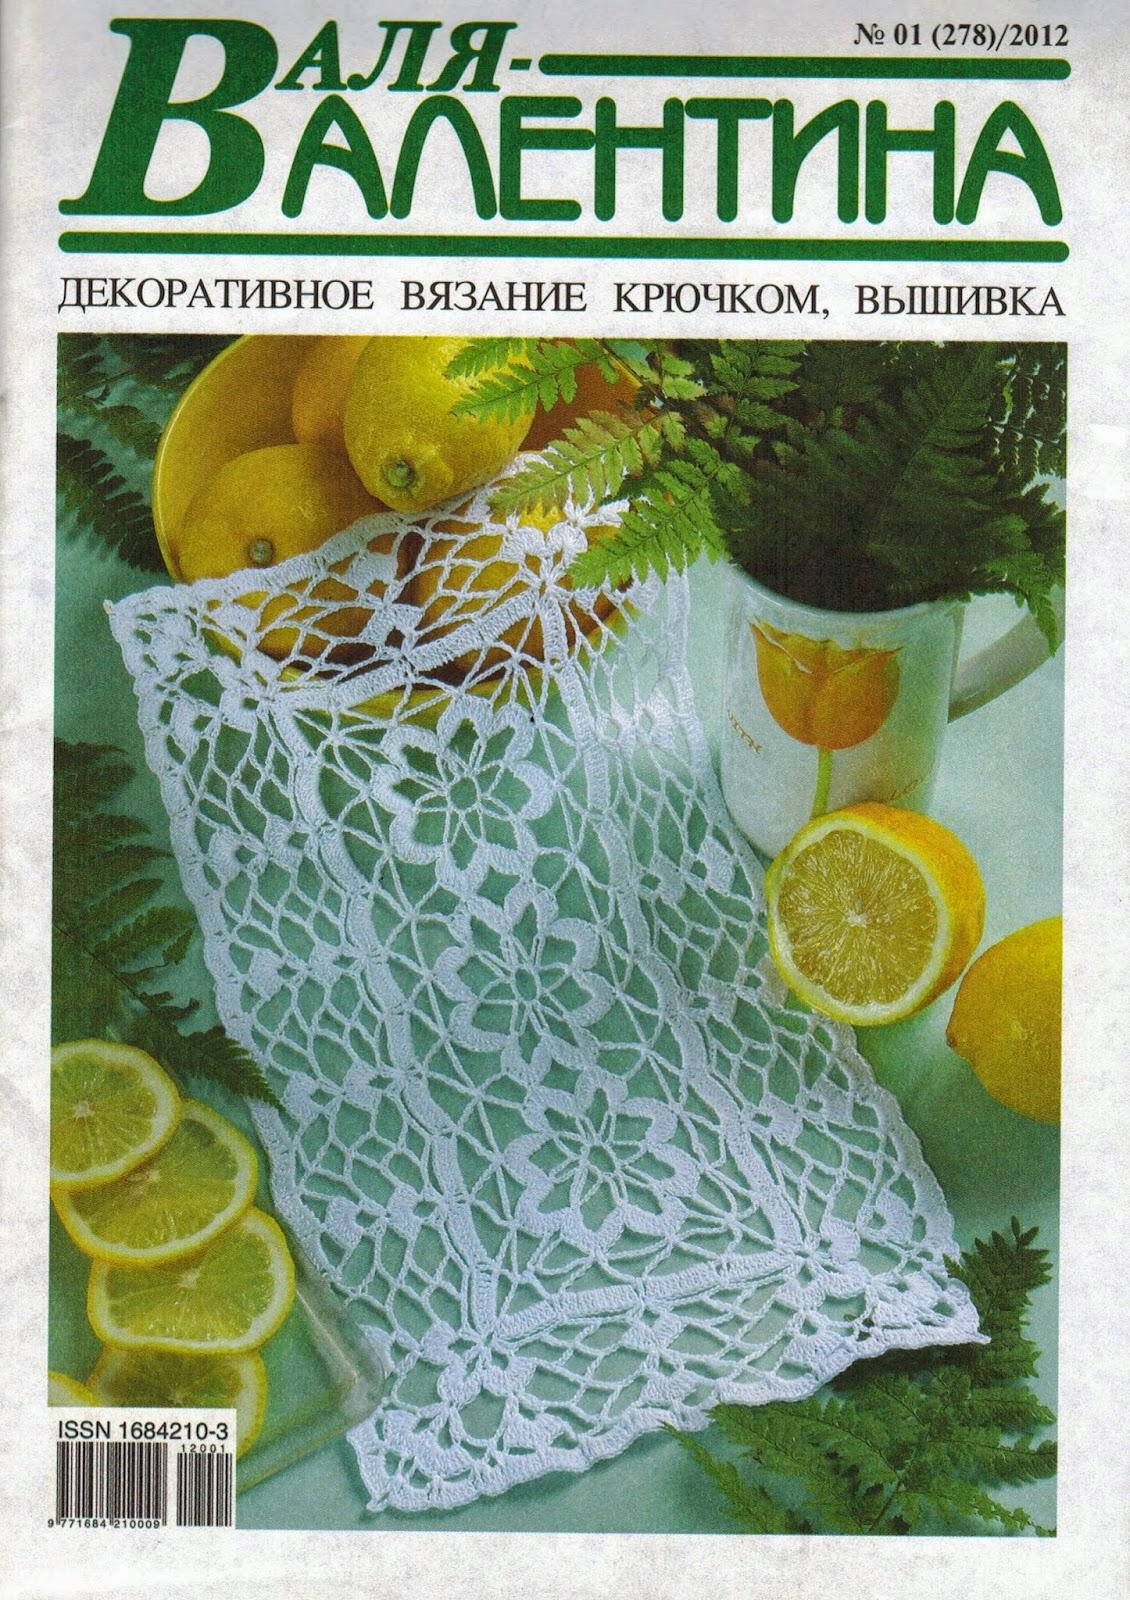 Валя-Валентина № 1(278)2012